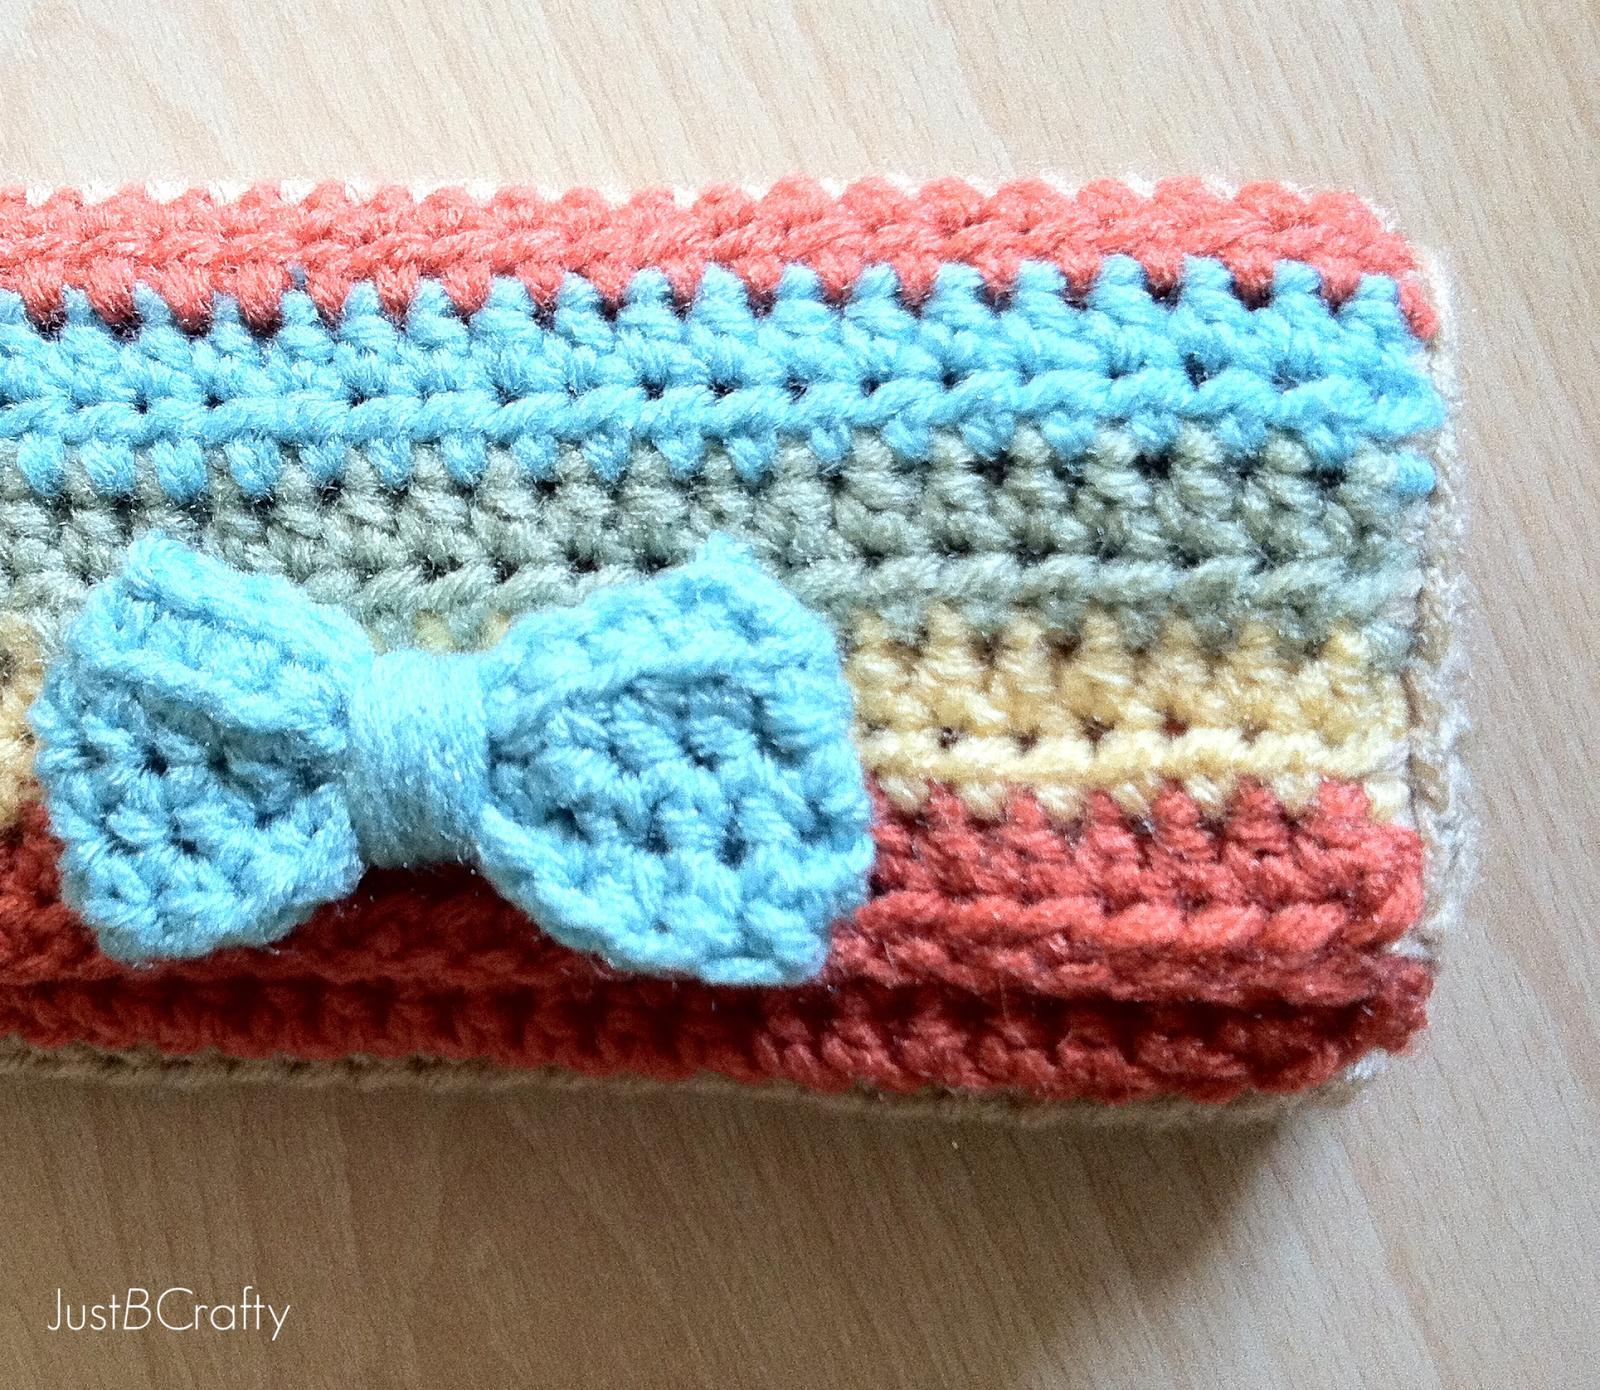 Crochet Wallet Tutorial | Stricken häkeln, Häckeln und Stricken